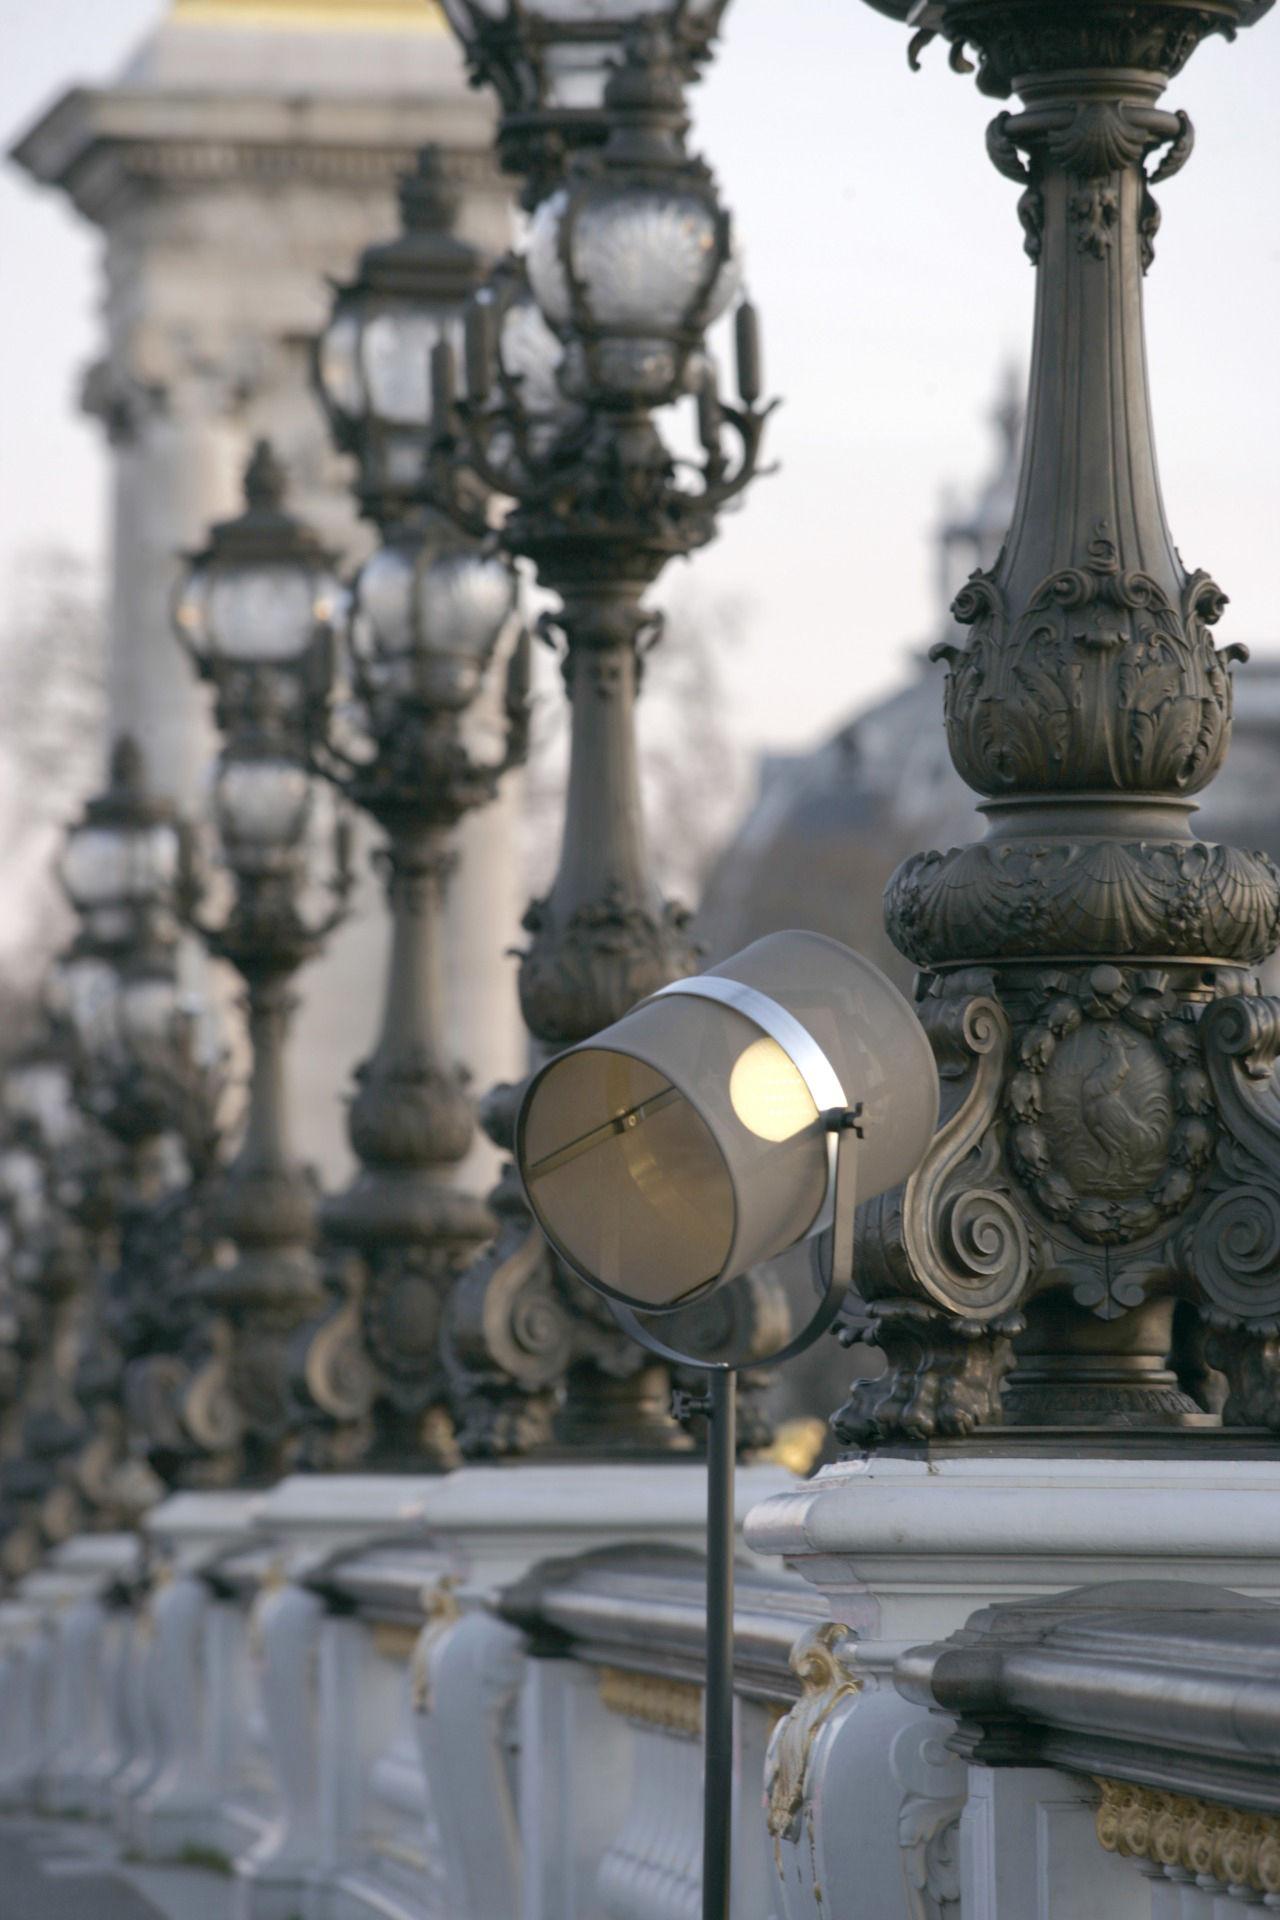 Lampadaire solaire La Lampe Paris LED / Sans fil Noir / Pied noir ...